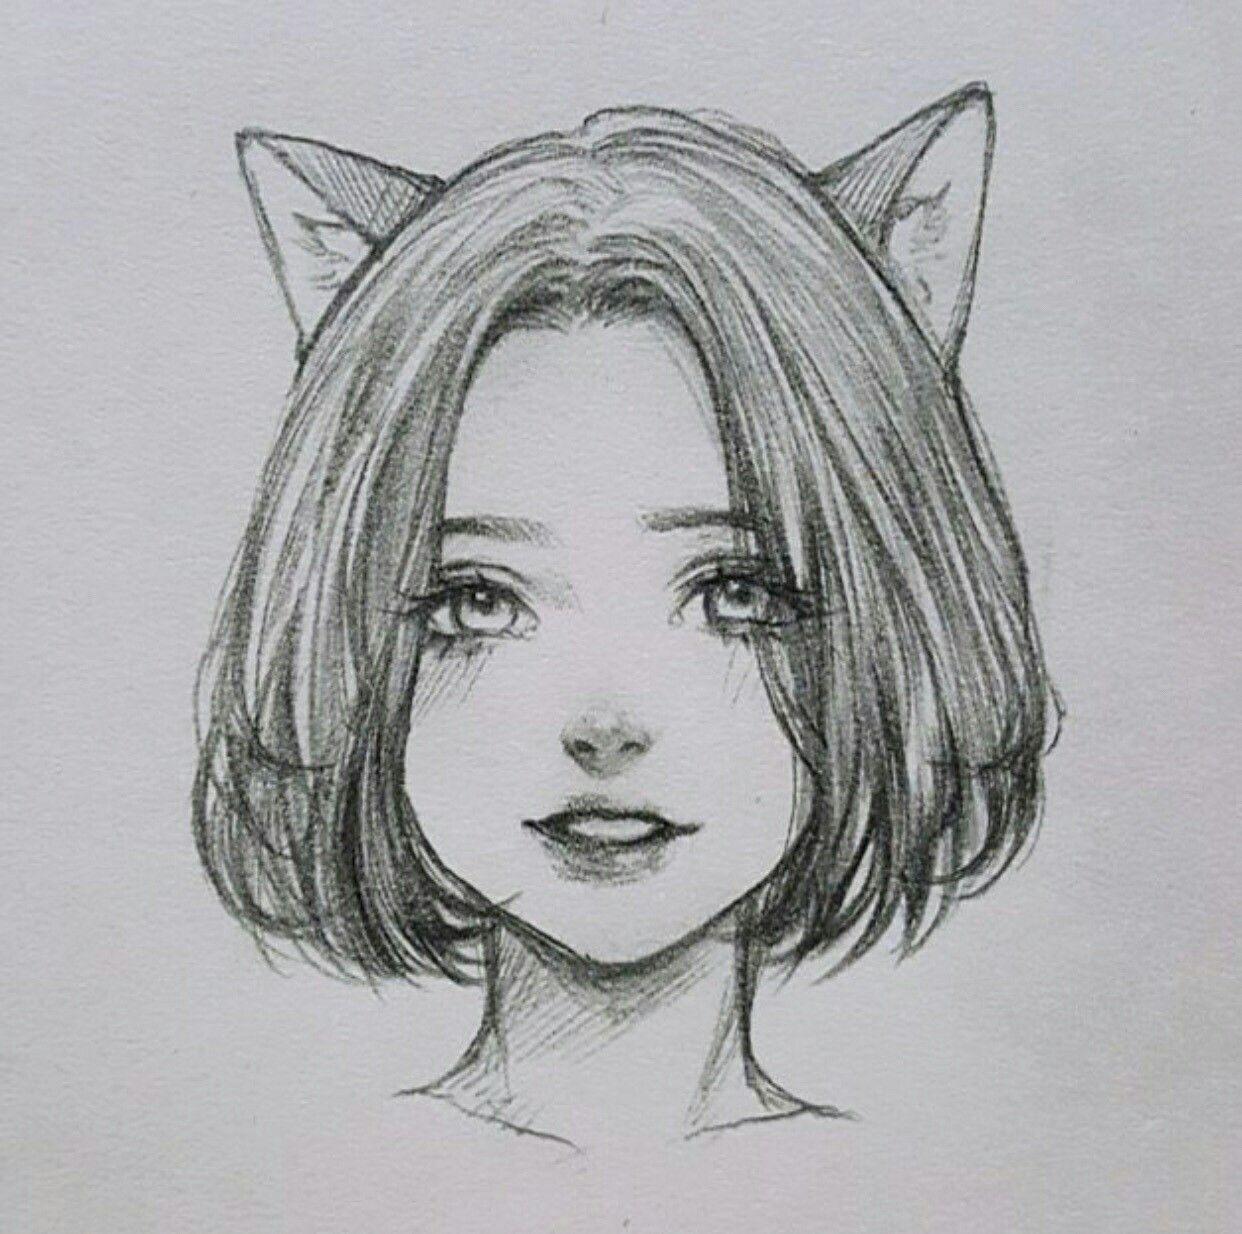 Картинки простым карандашом для срисовки